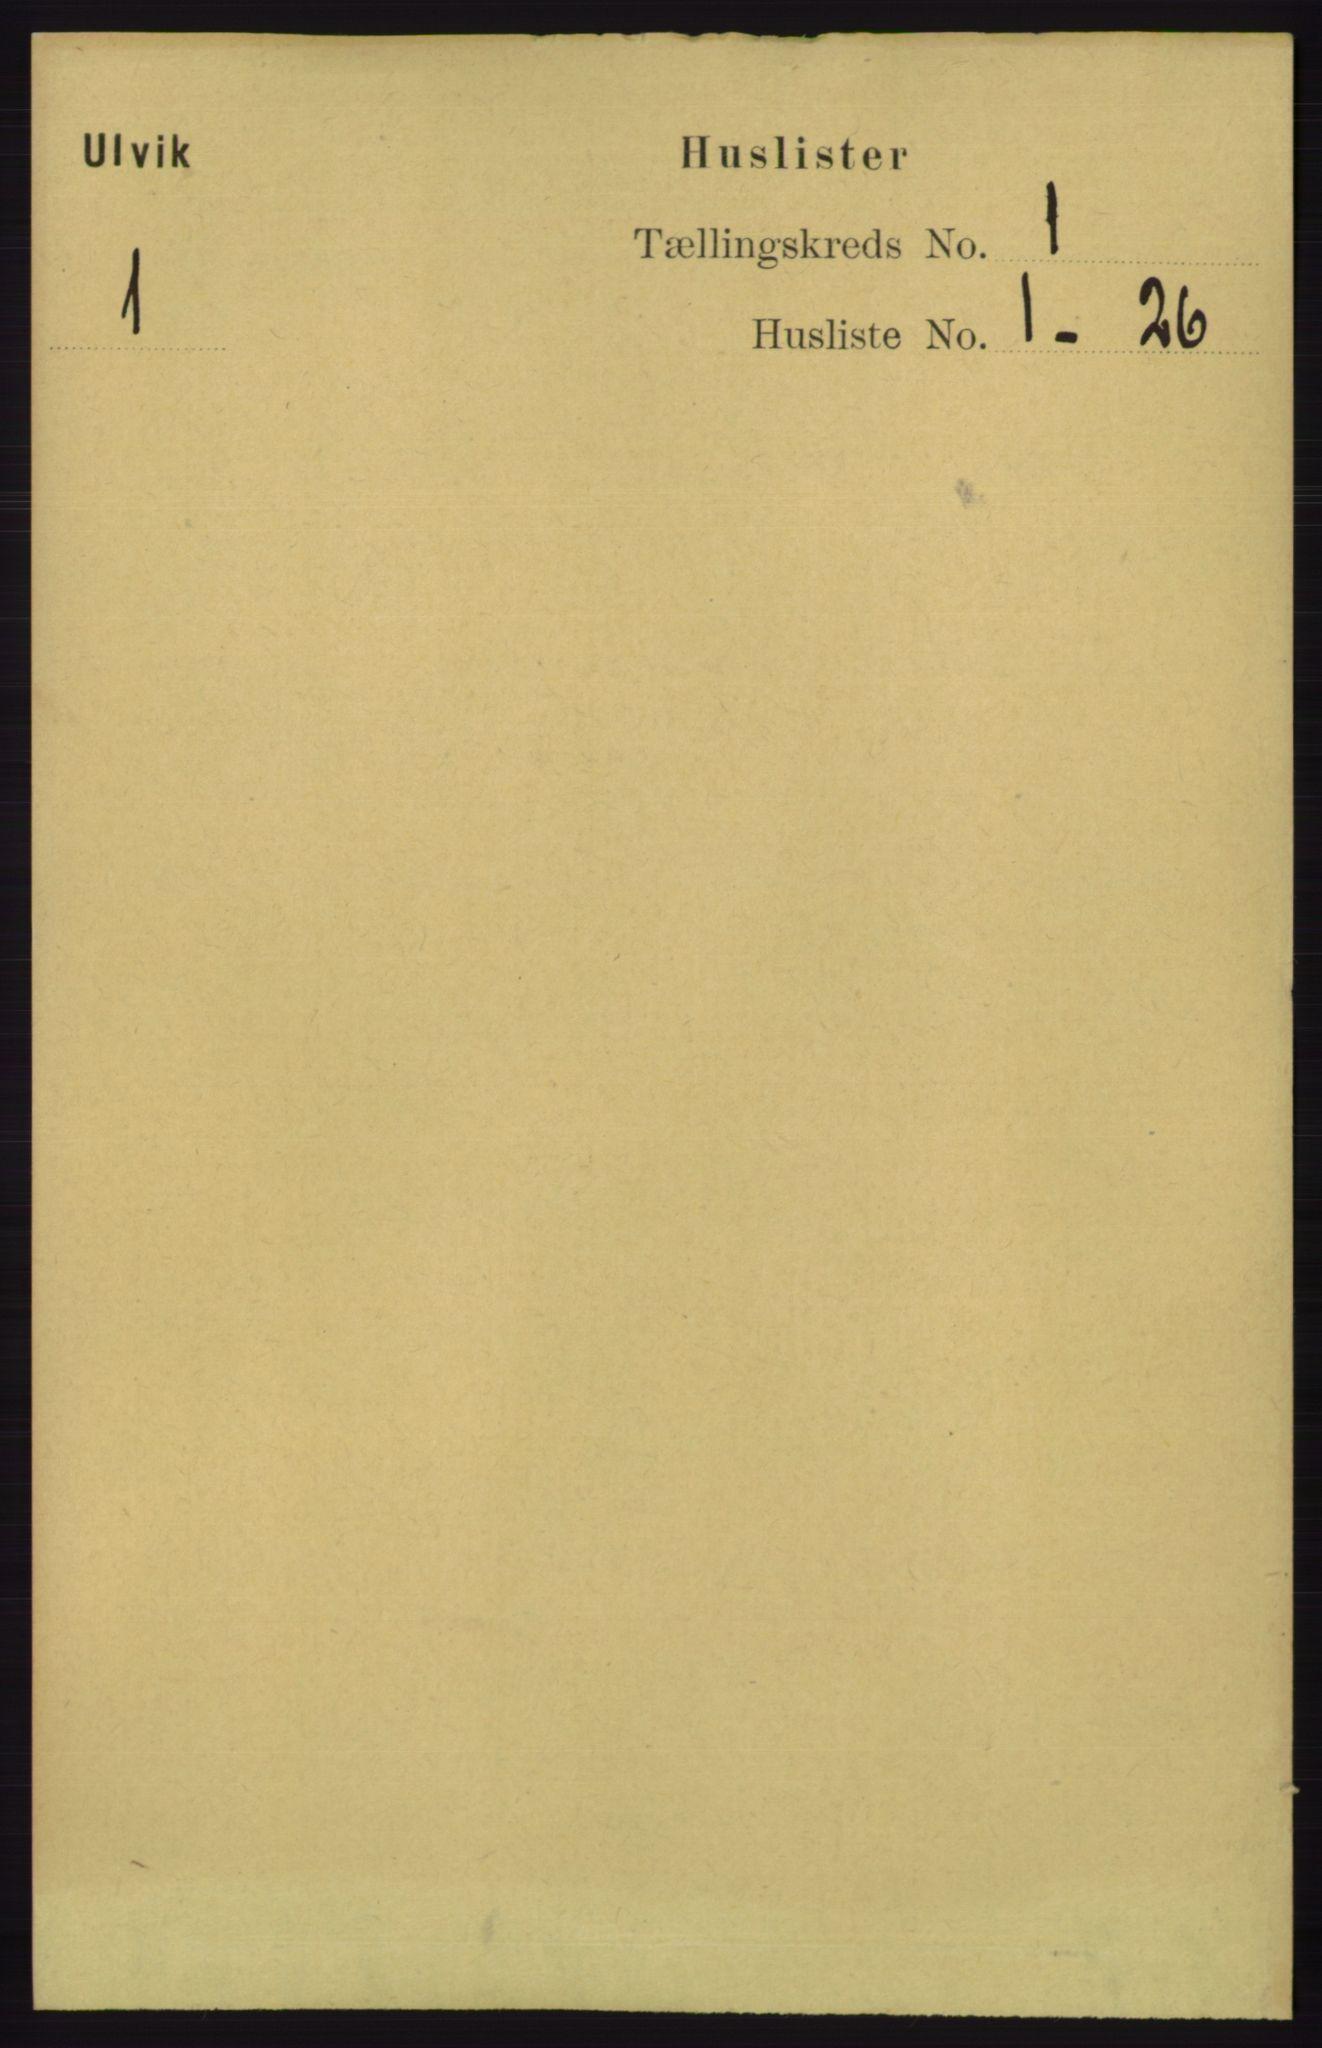 RA, Folketelling 1891 for 1233 Ulvik herred, 1891, s. 40